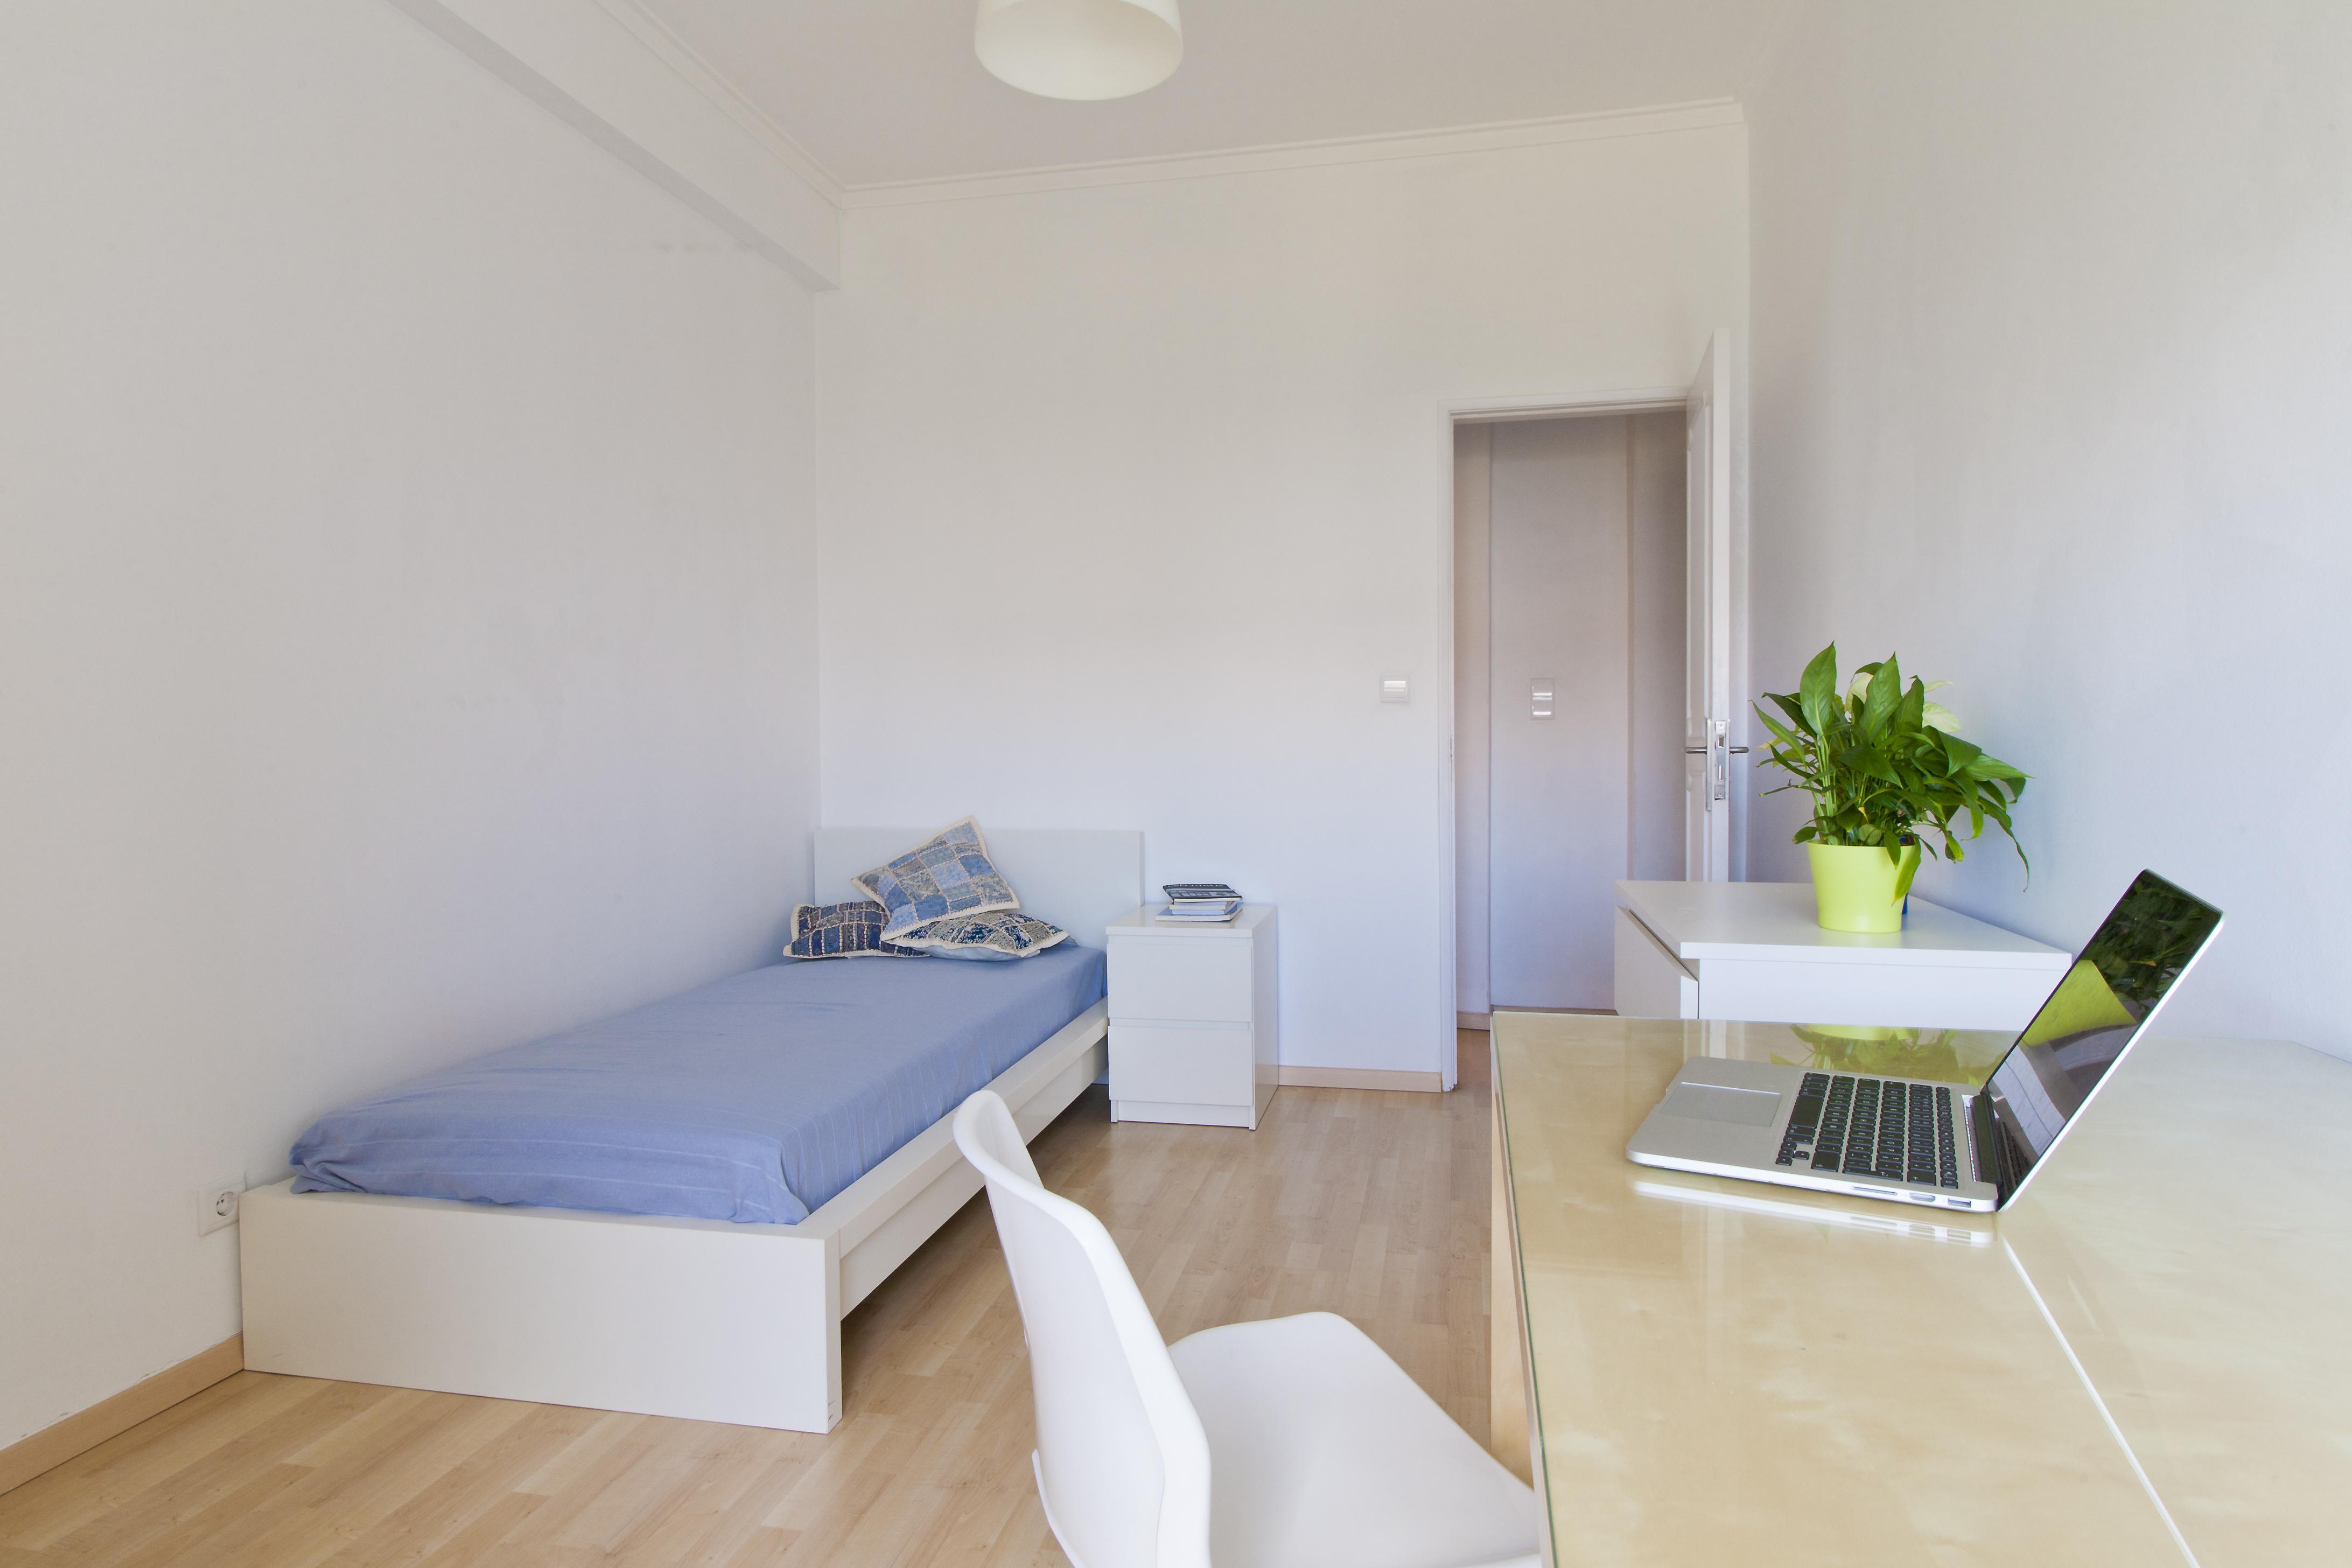 AE_-_Quarto.Room_nº3_-_Foto_1.jpg